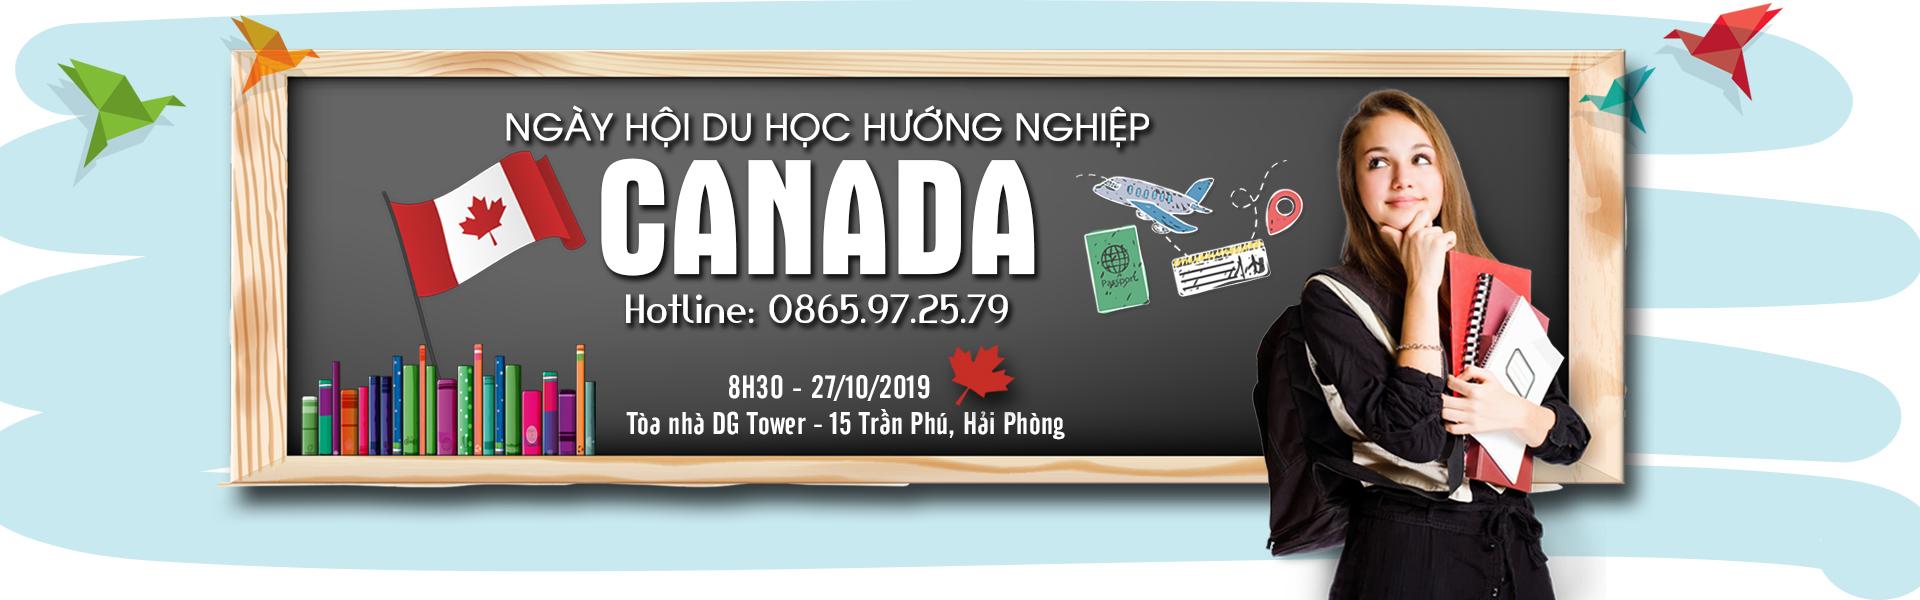 NGÀY HỘI DU HỌC - HƯỚNG NGHIỆP- ĐỊNH CƯ CANADA 2019